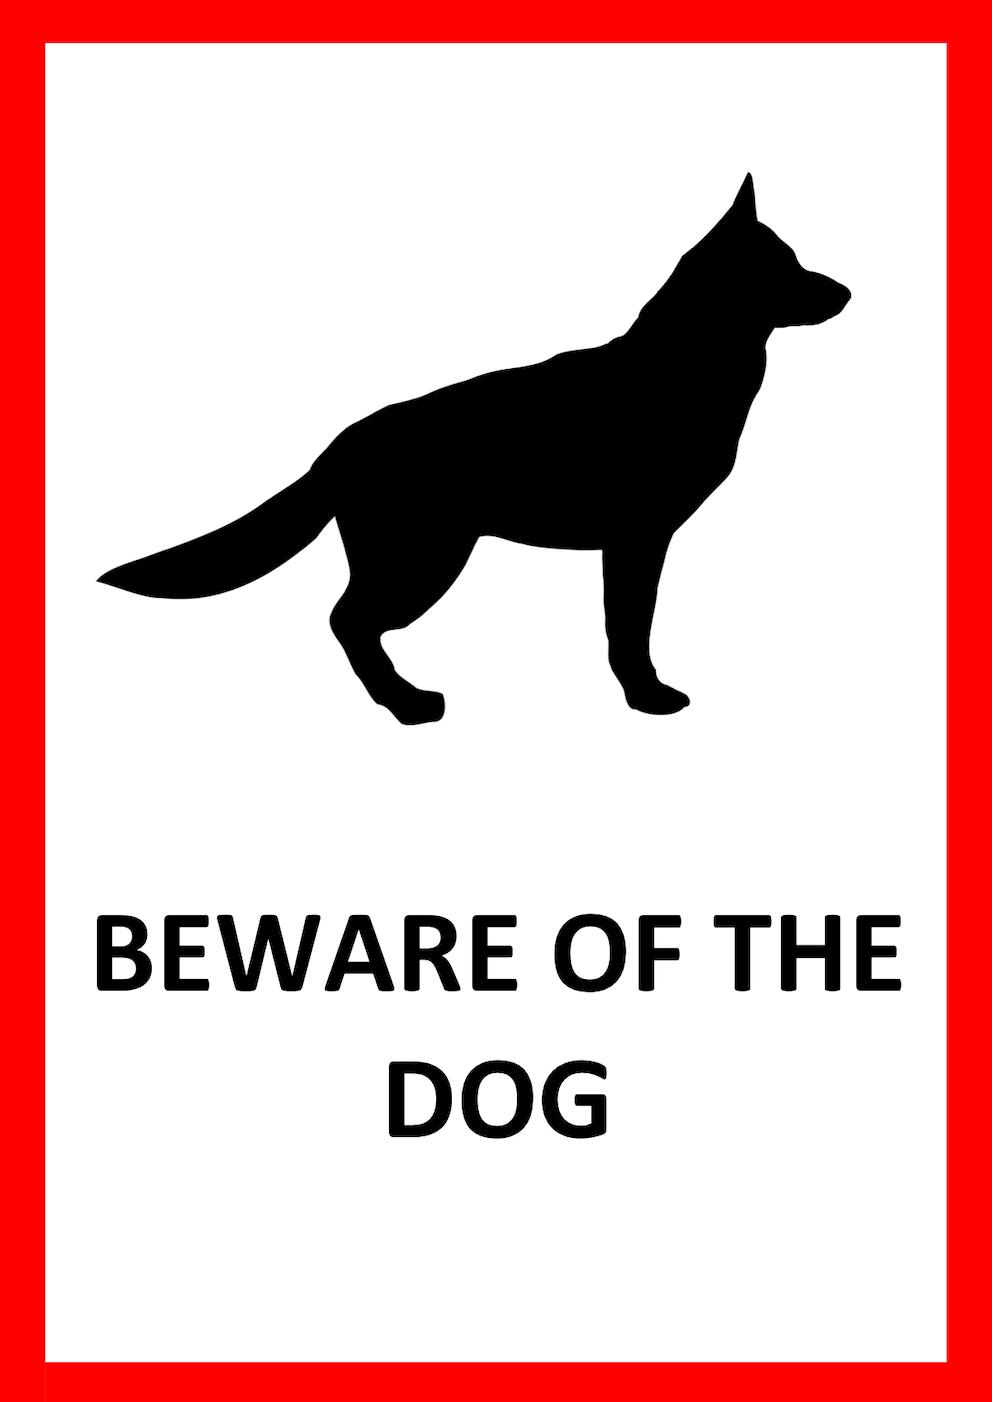 Beware of the Dog Schild Vorlage